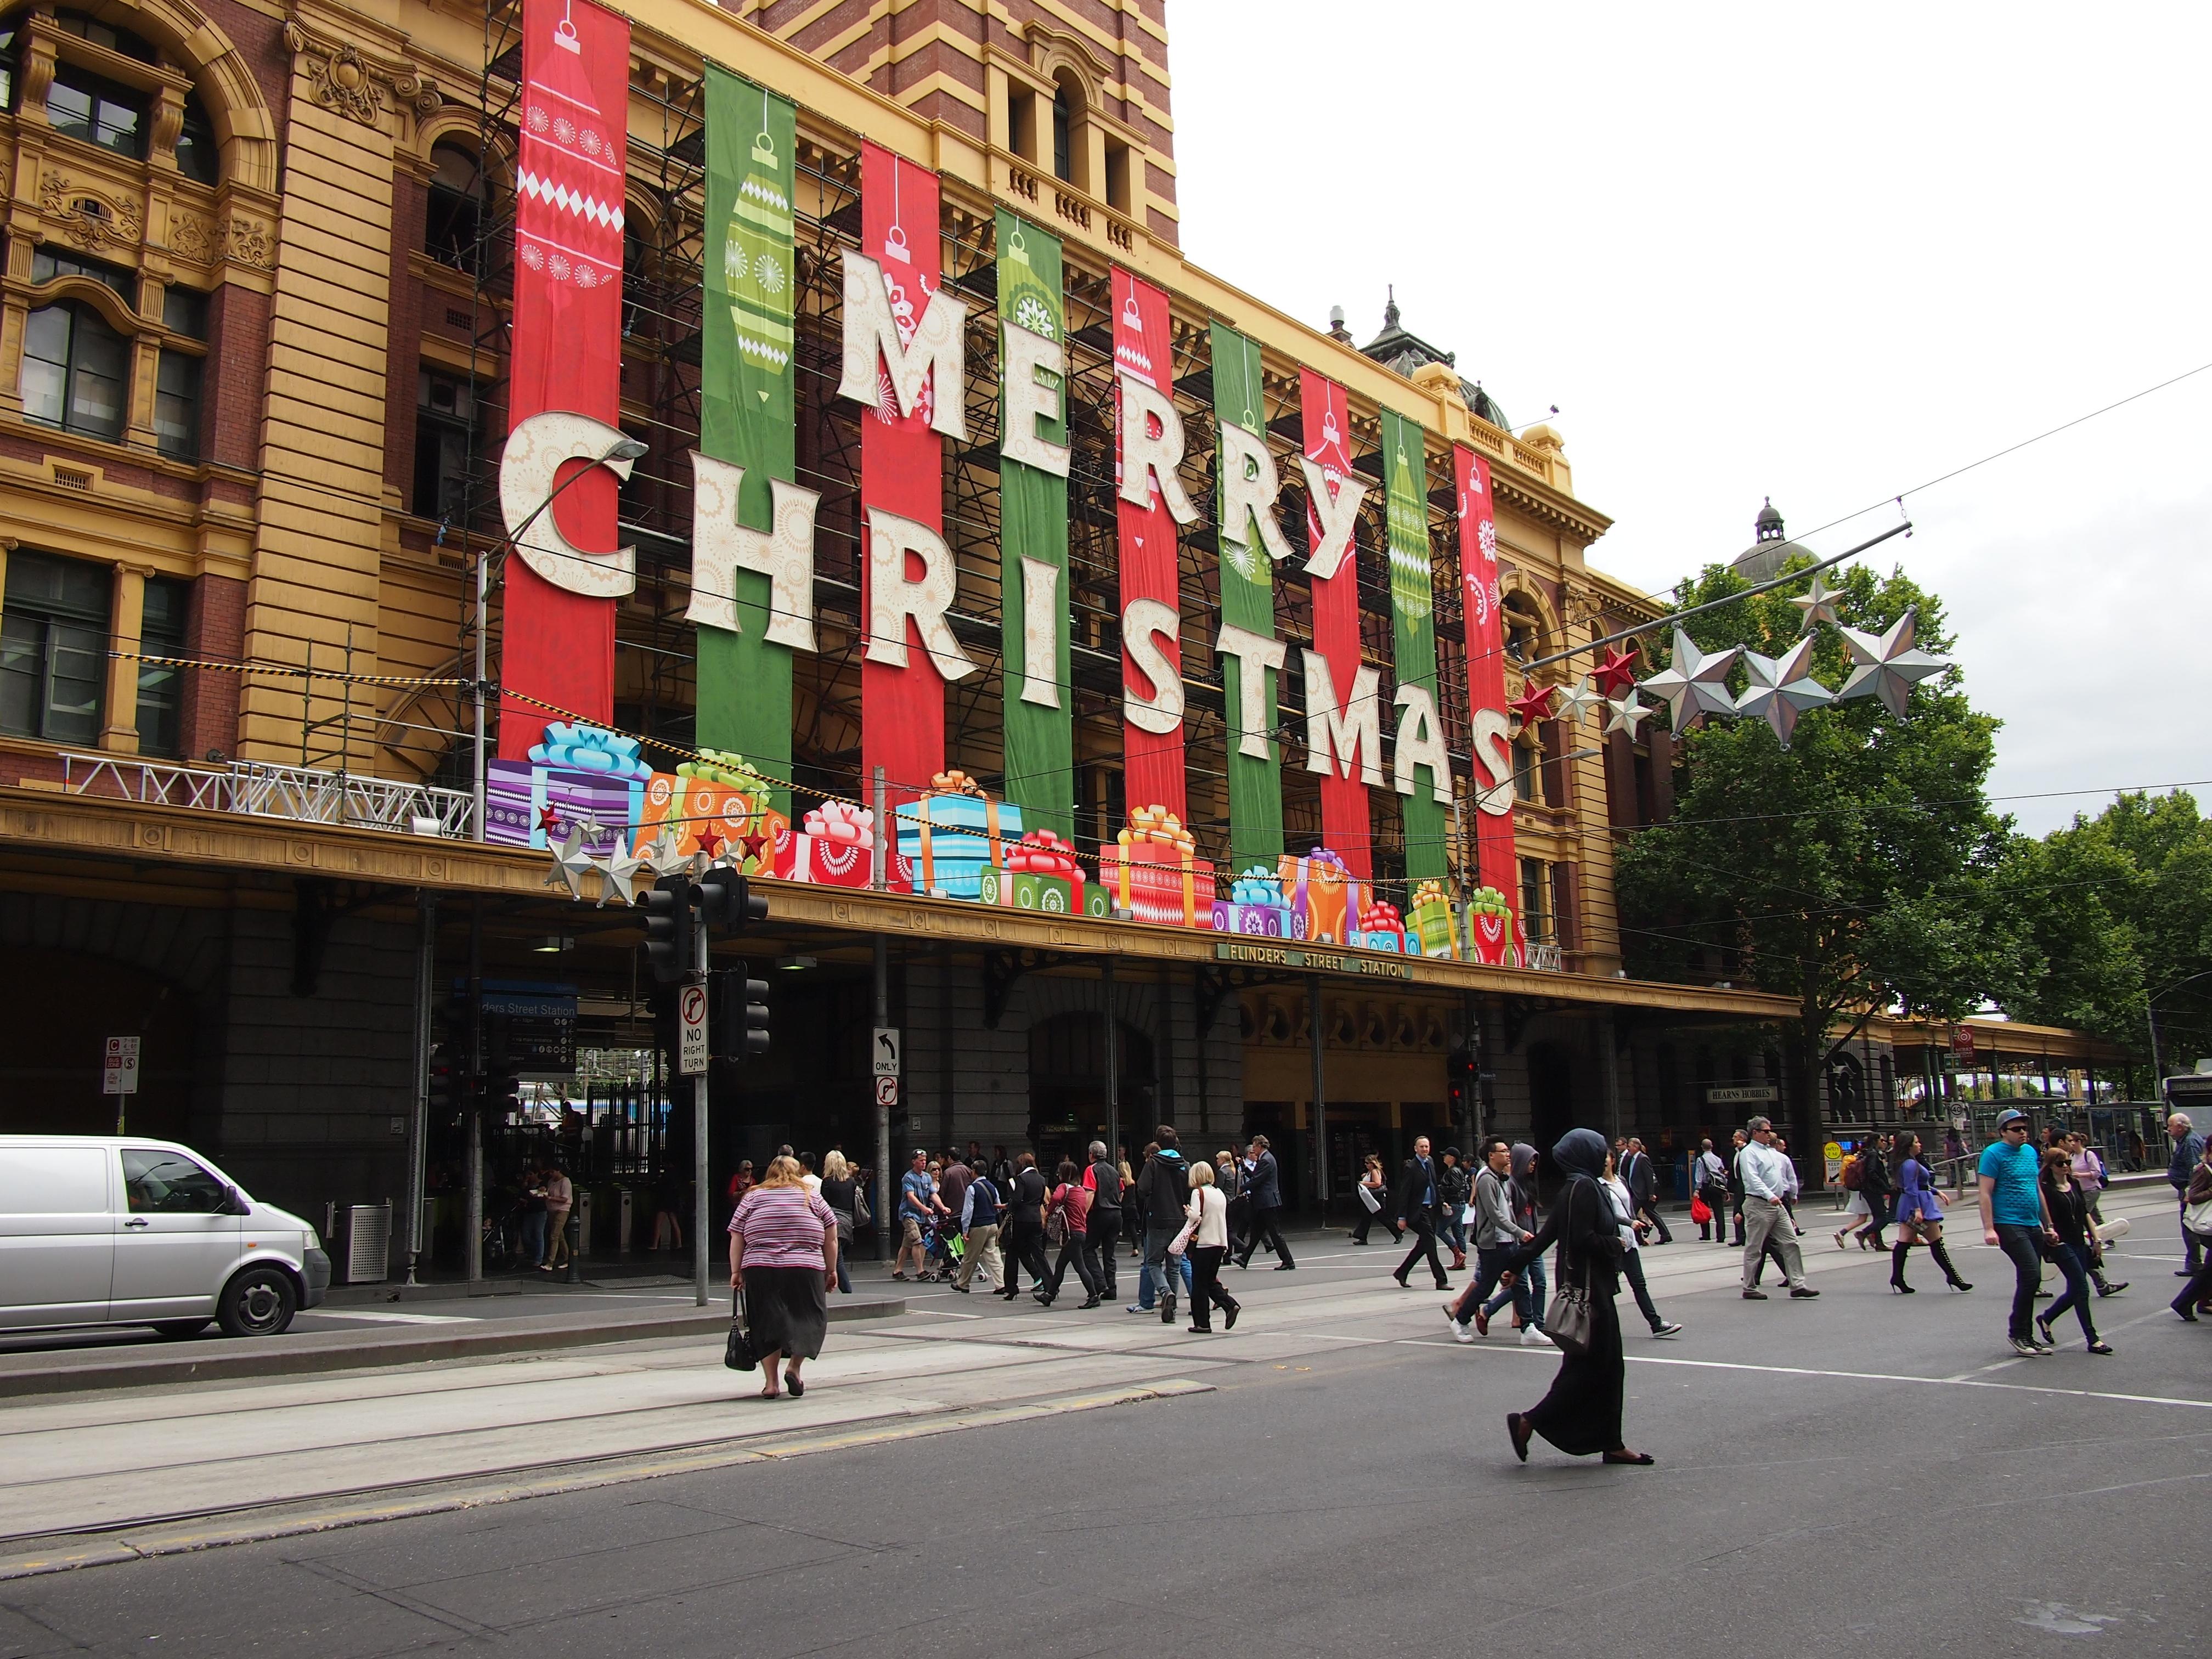 Christmas_message_on_Flinders_St_Station_December_2012